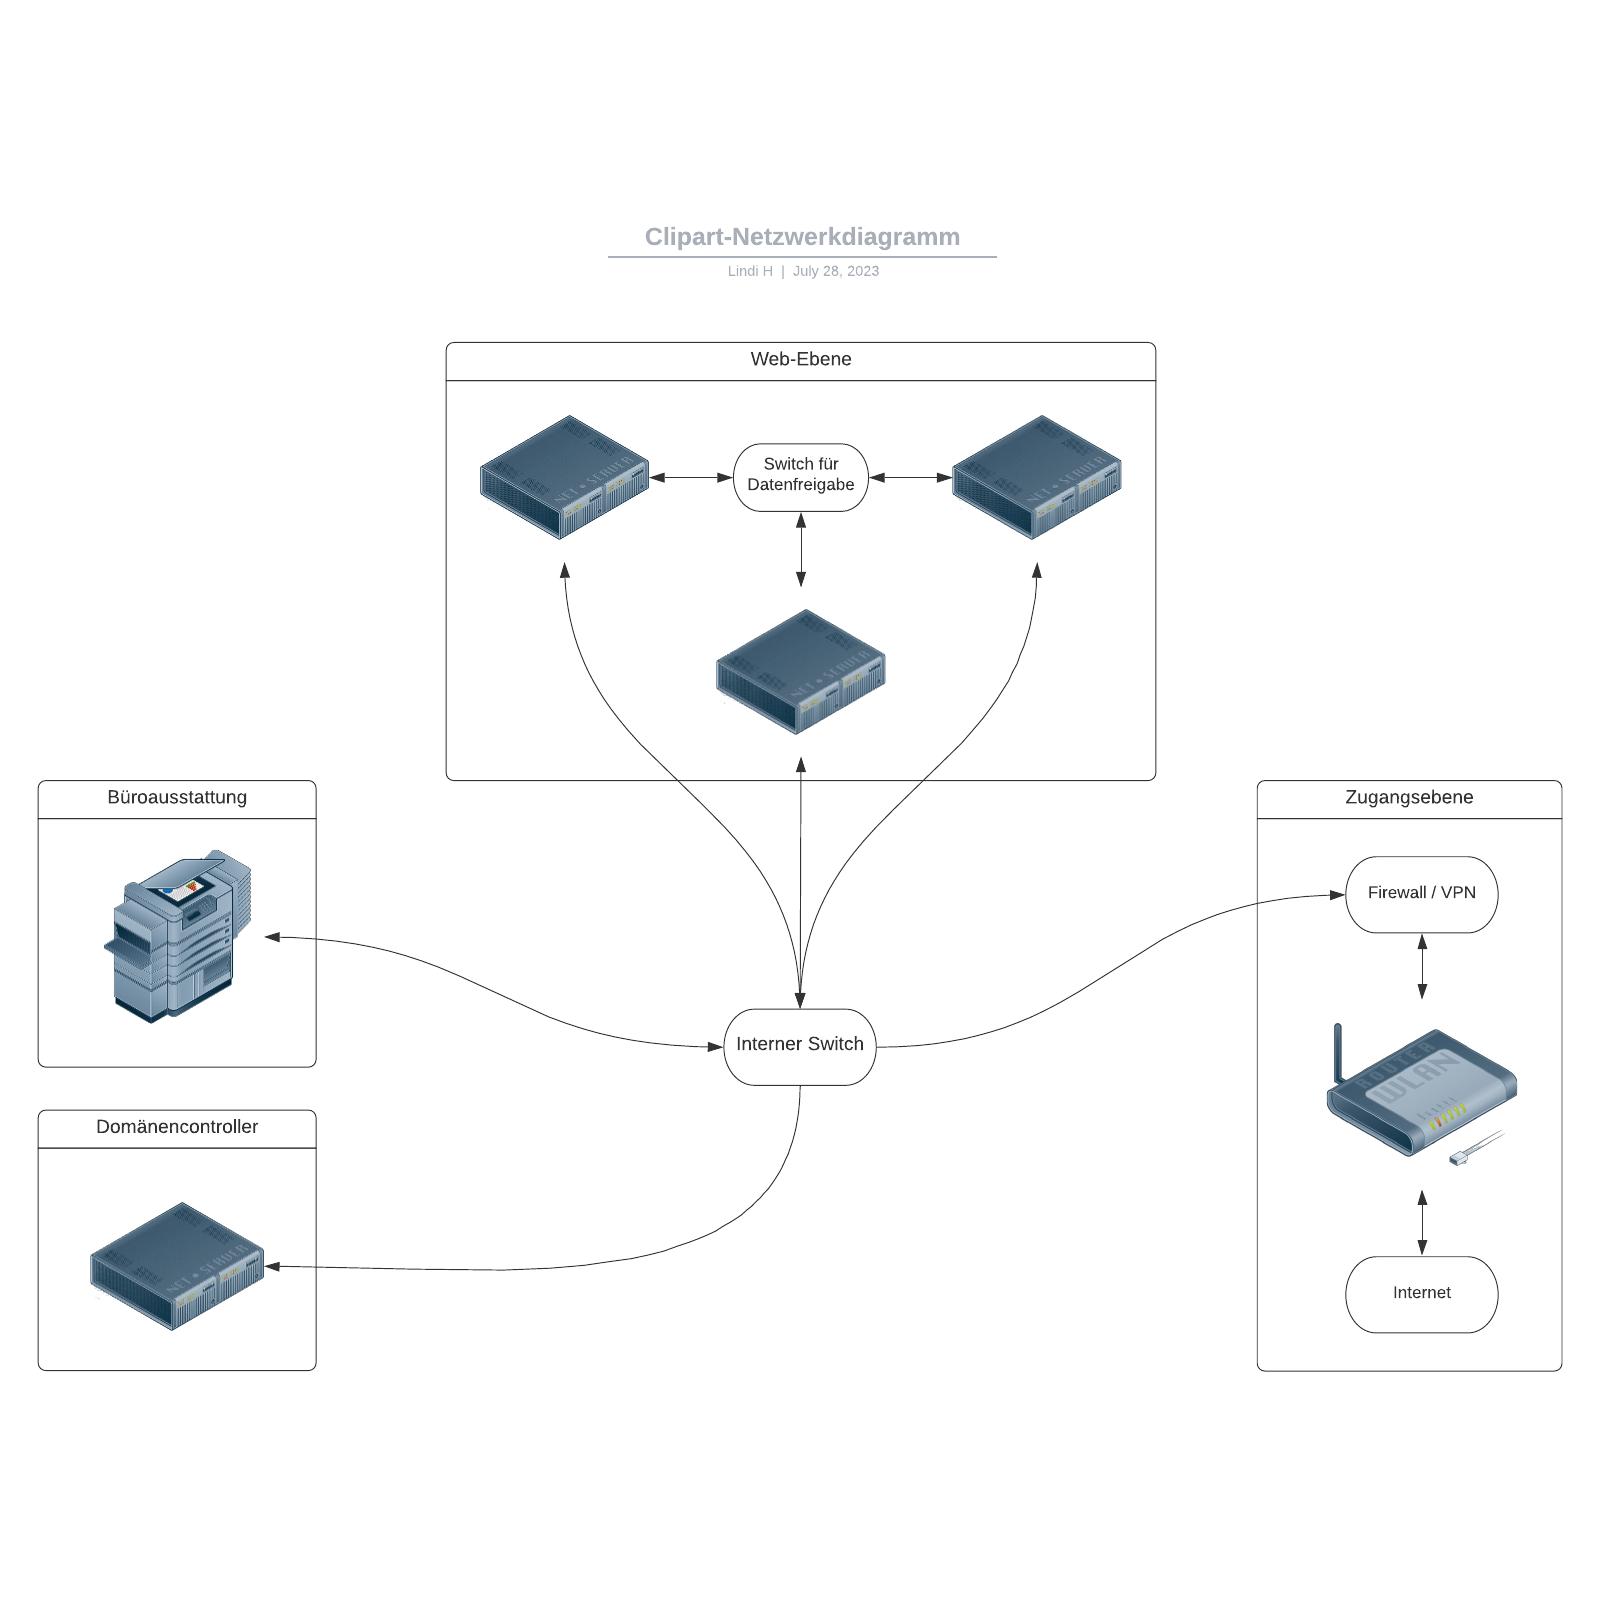 Clipart-Netzwerkplan Beispiel